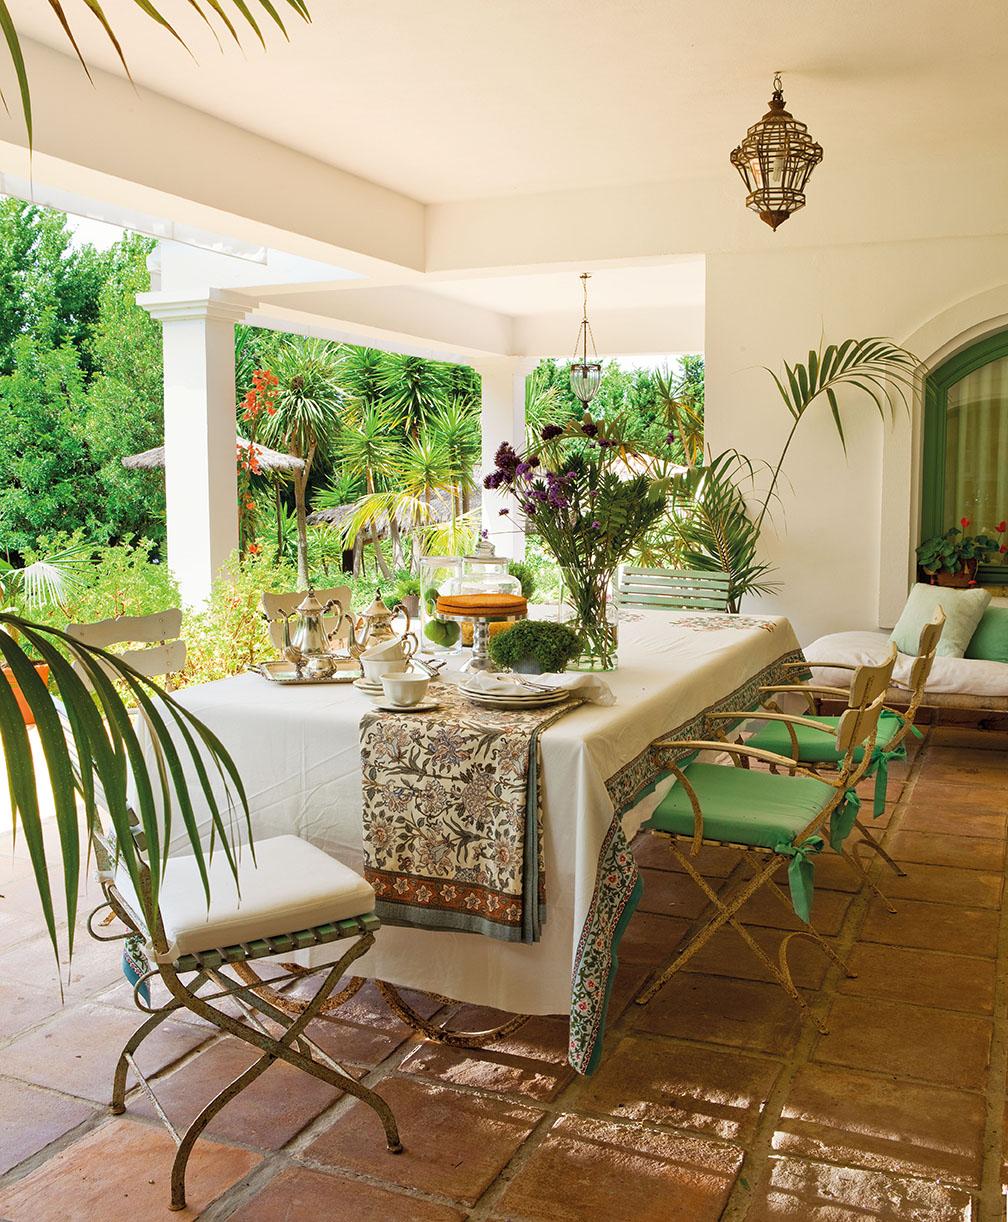 00324105. Comedor en el porche rodeado de plantas y con sillas de hierro con cojines en blanco y verde_00324105